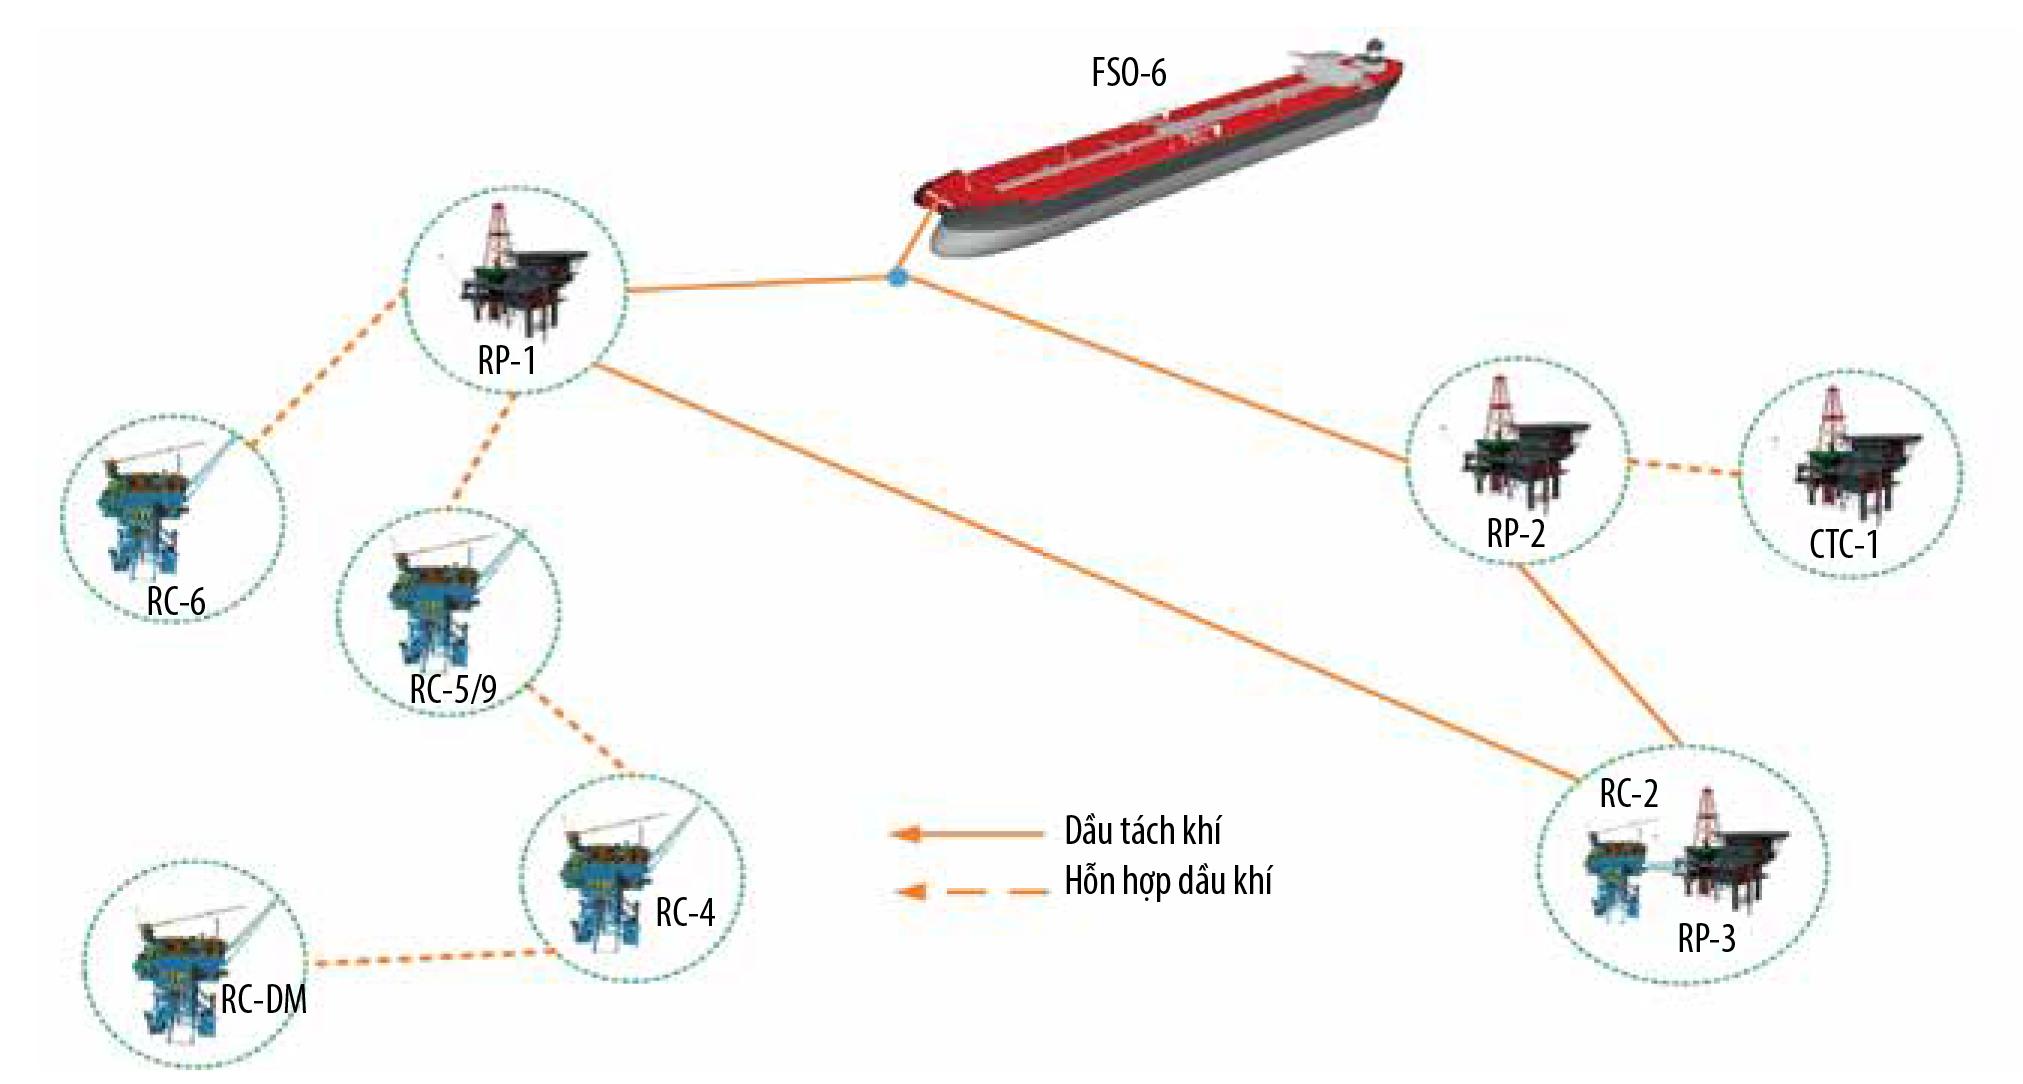 Hình 1. Sơ đồ thu gom sản phẩm khai thác tại mỏ Nam Rồng - Đồi Mồi